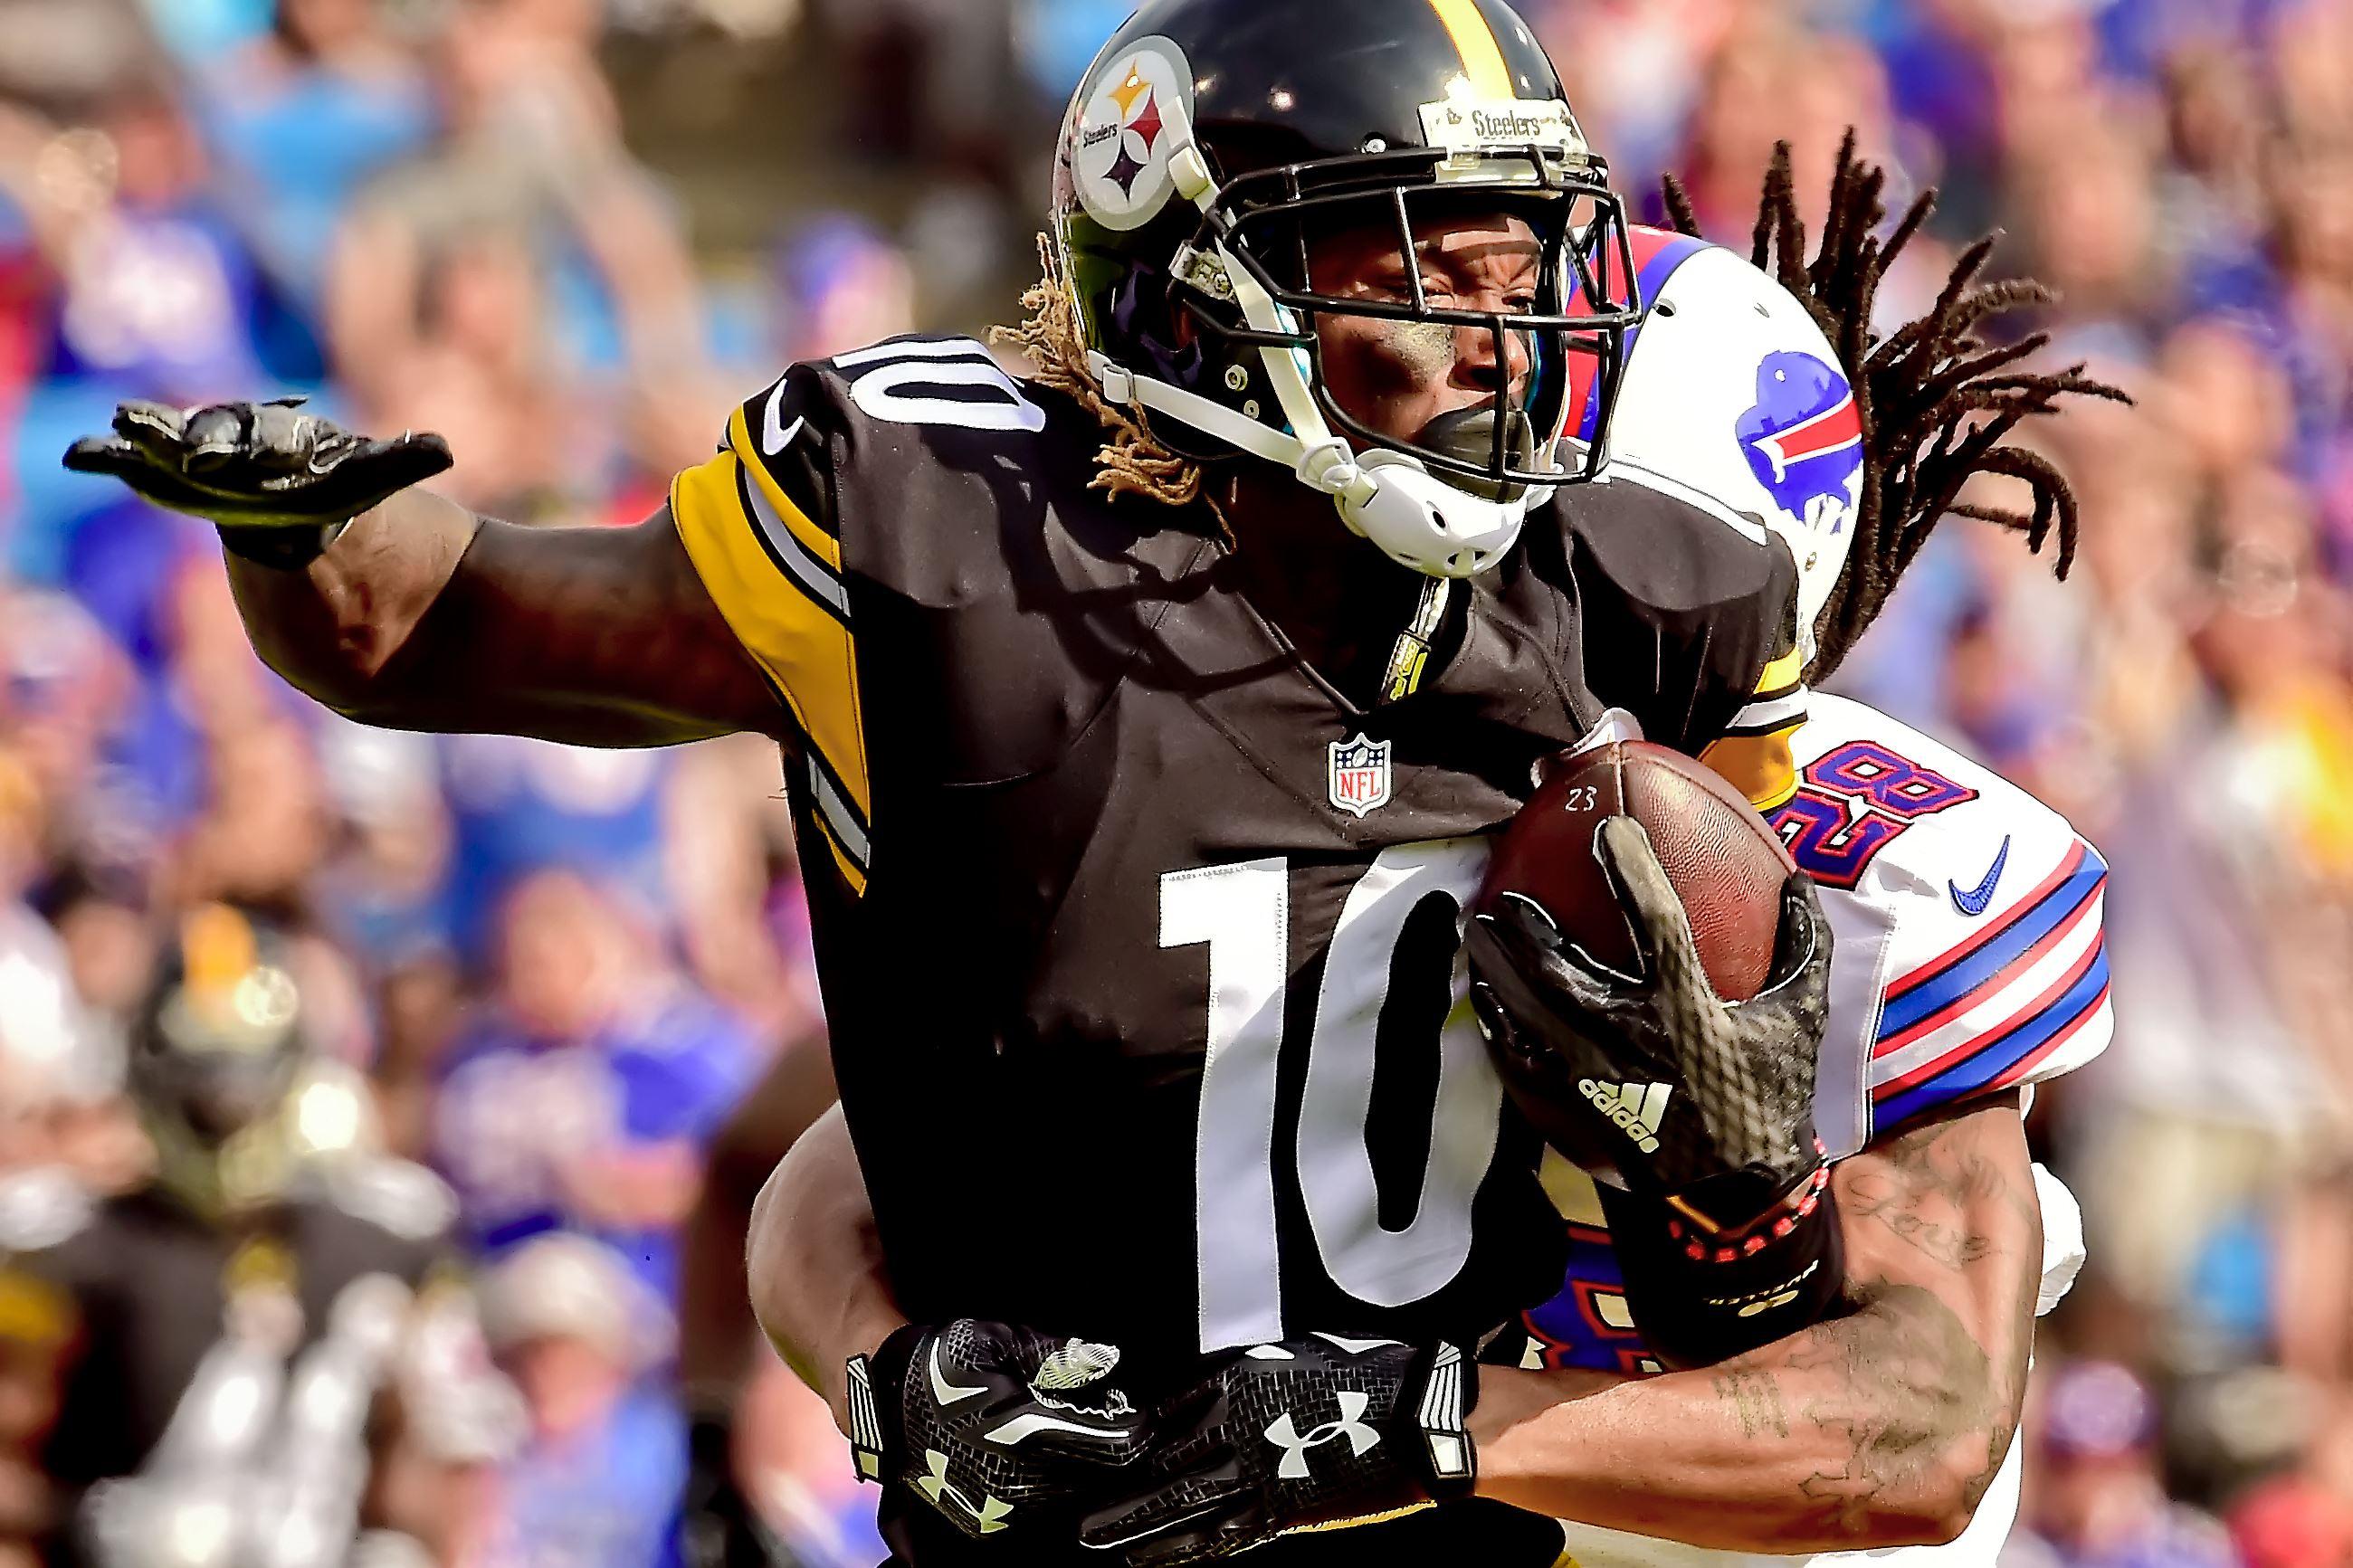 c0c9ab48d11 Steelers receiver Martavis Bryant s four-game suspension upheld ... custom  nfl 10 Martavis Bryant Pittsburgh ...